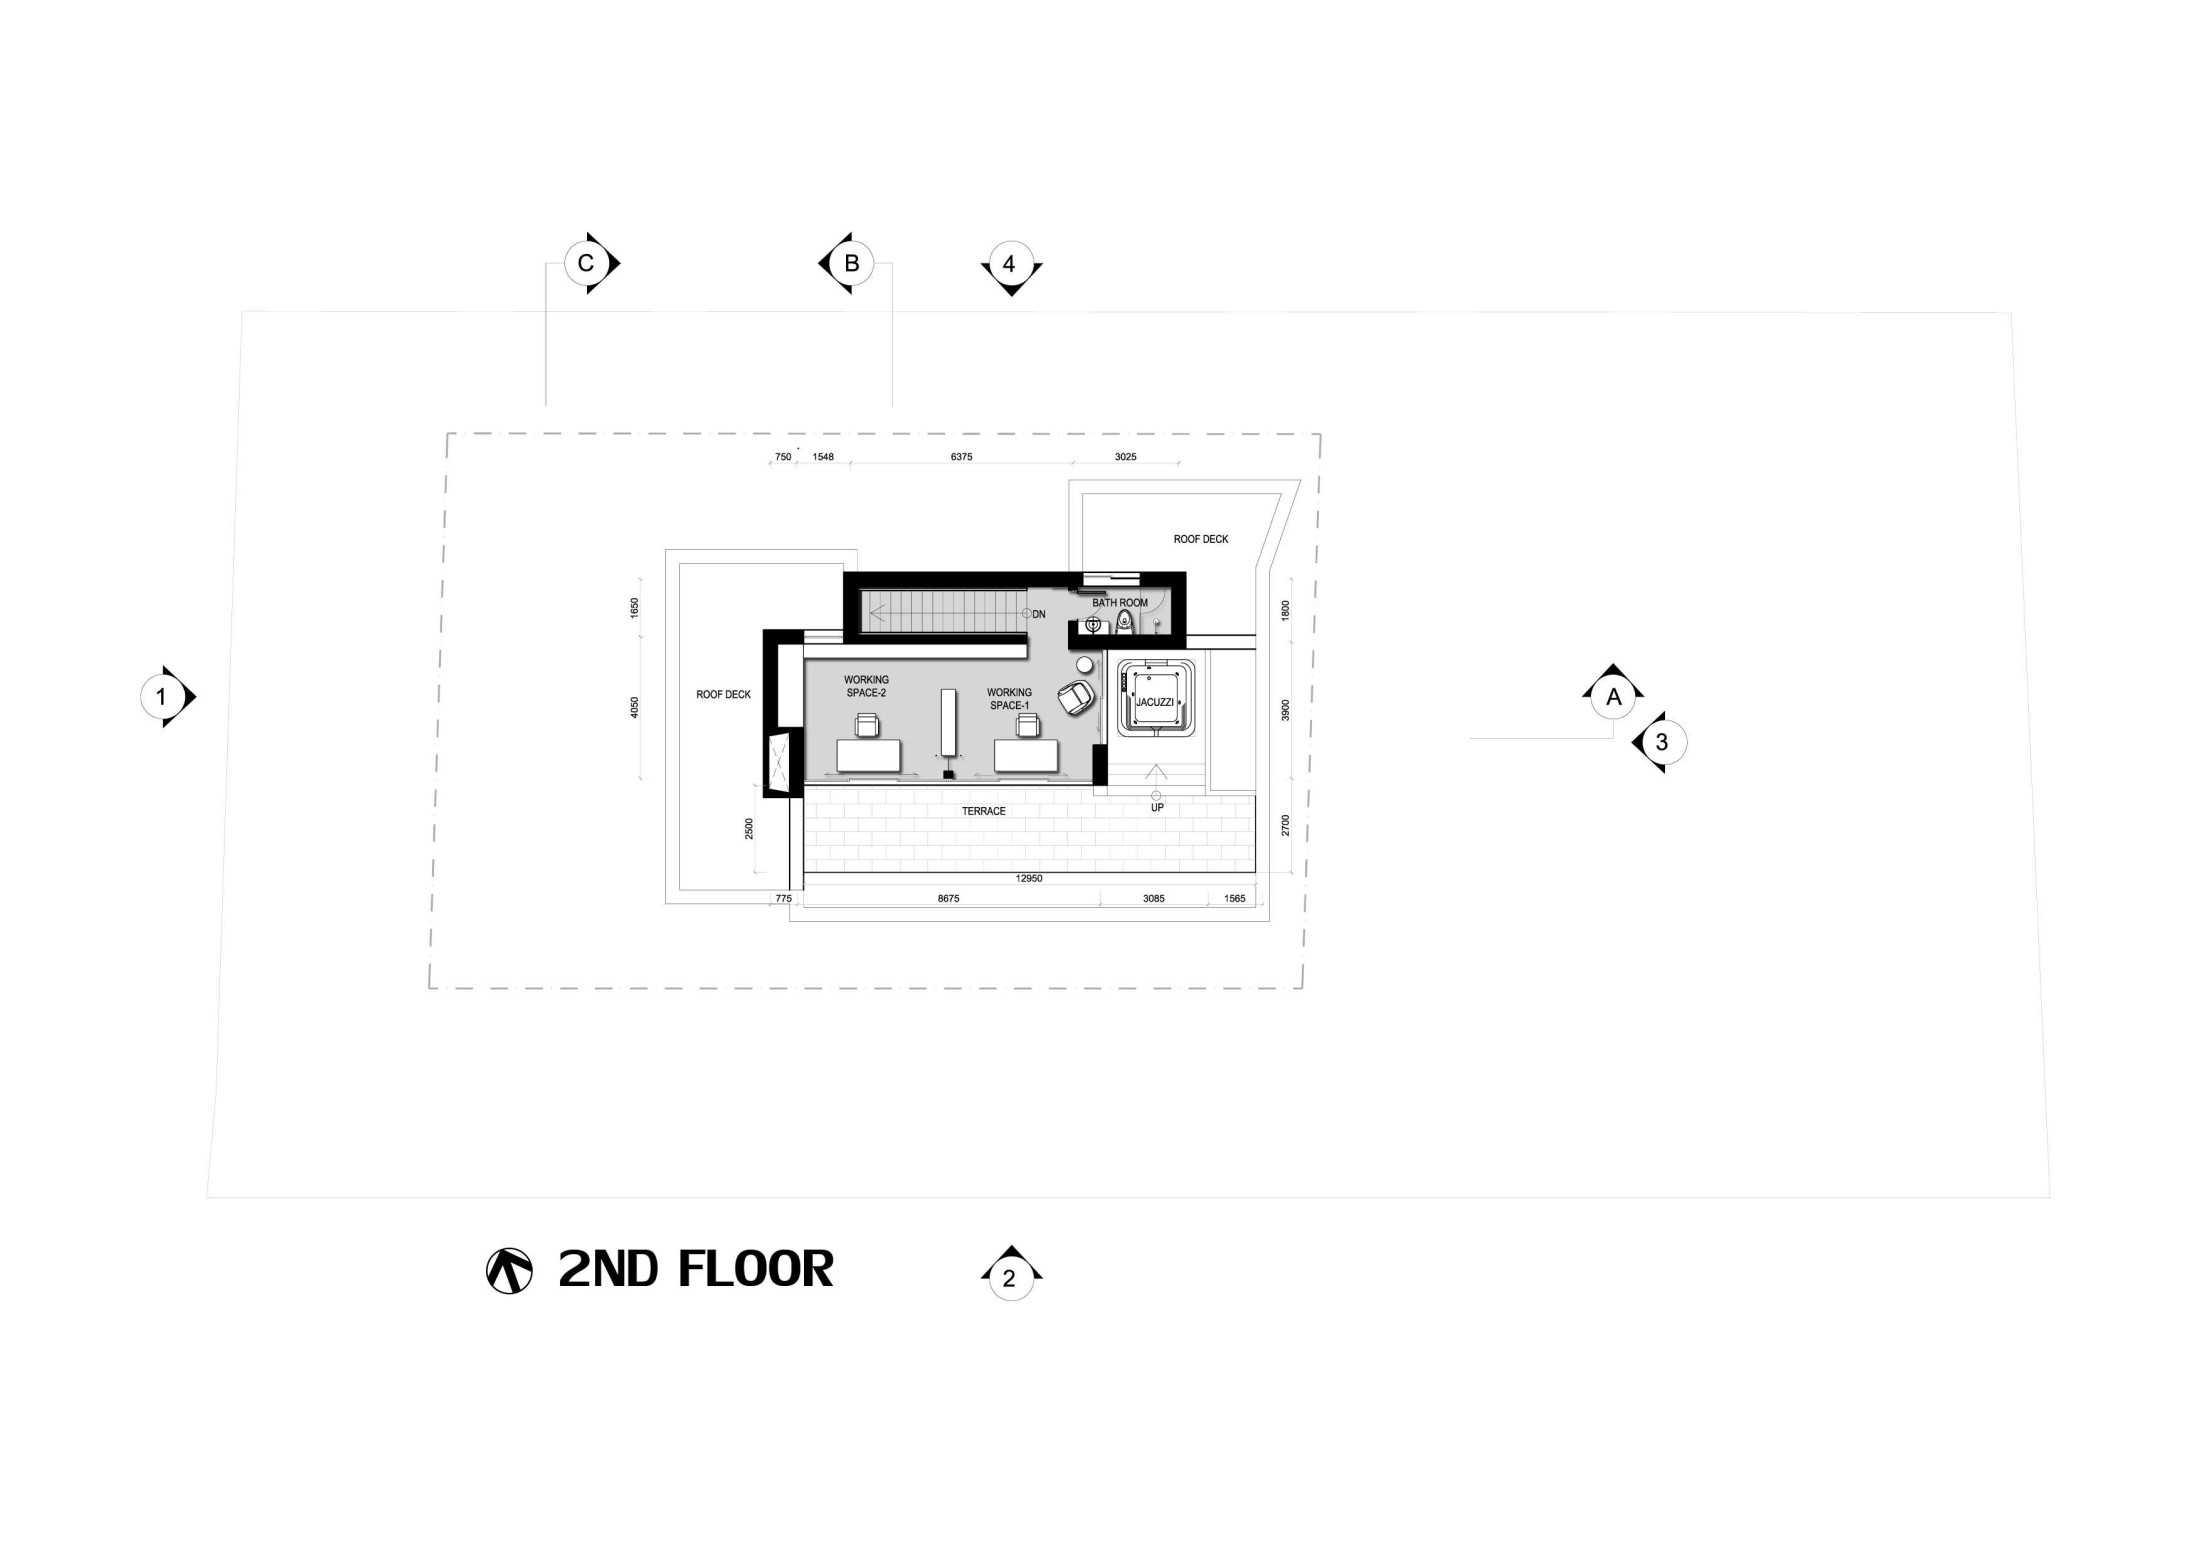 Bral Architect Alpen House In Germany 46519 Alpen, Jerman 46519 Alpen, Jerman Bral-Architect-Alpen-House-In-Germany  99898